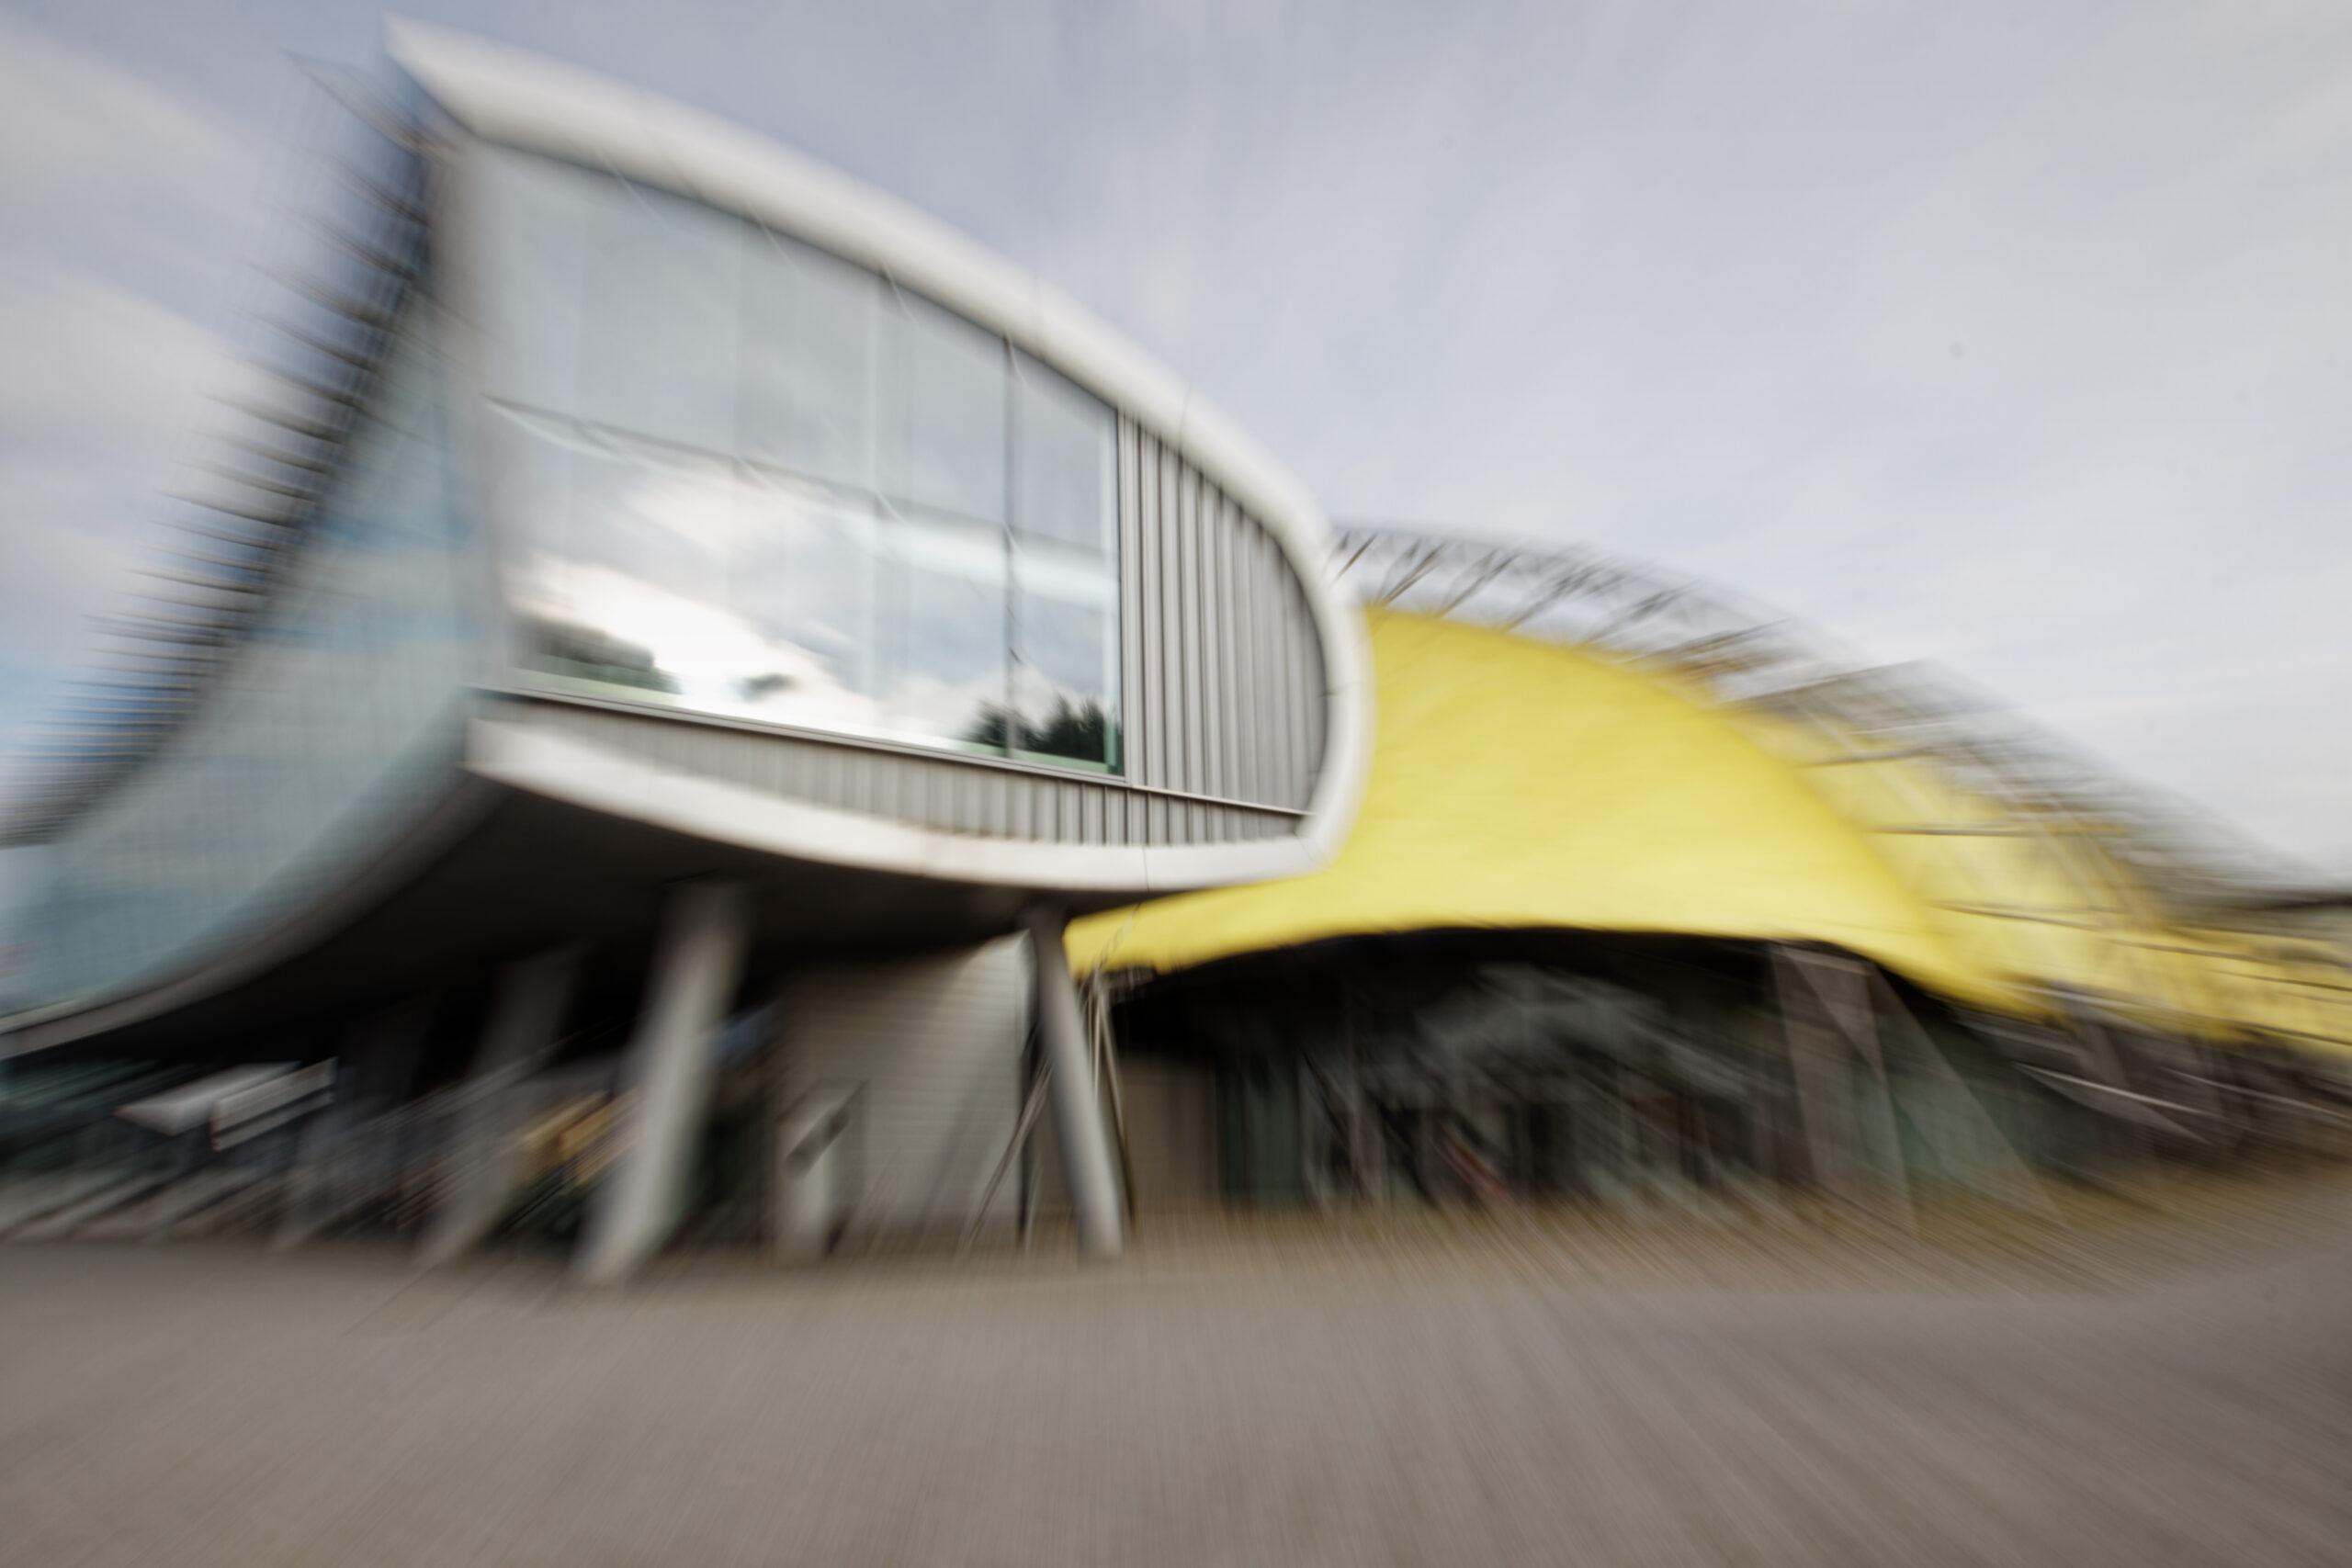 Bodo Jarren - Feierabendtour 24.06.2021 - Optiker benötigt